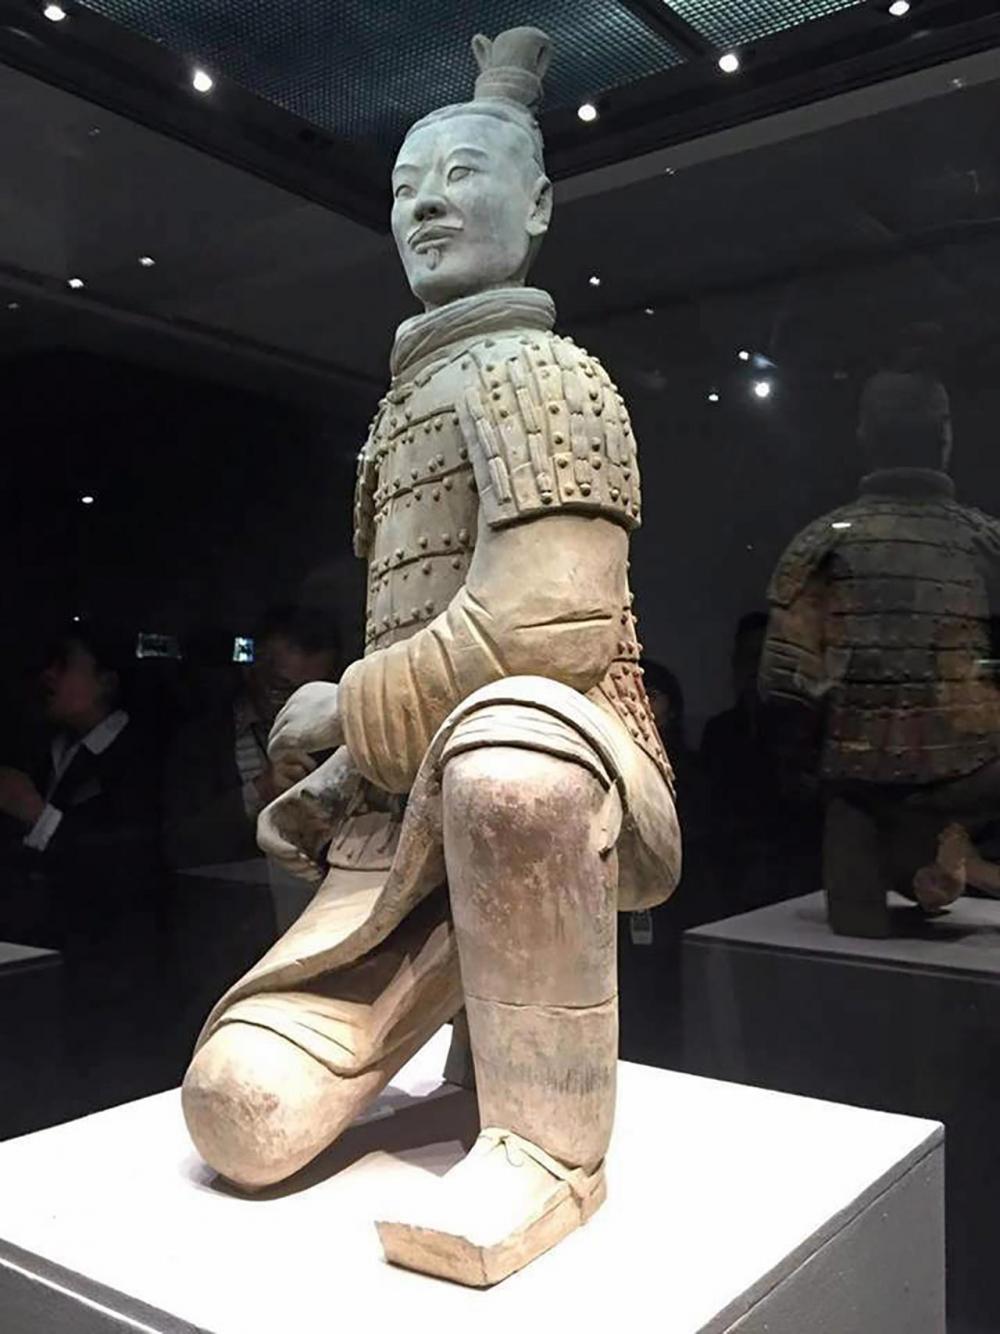 รูปปั้นทหารจิ๋นซีฮ่องเต้ในห้องแสดงนิทรรศการ.